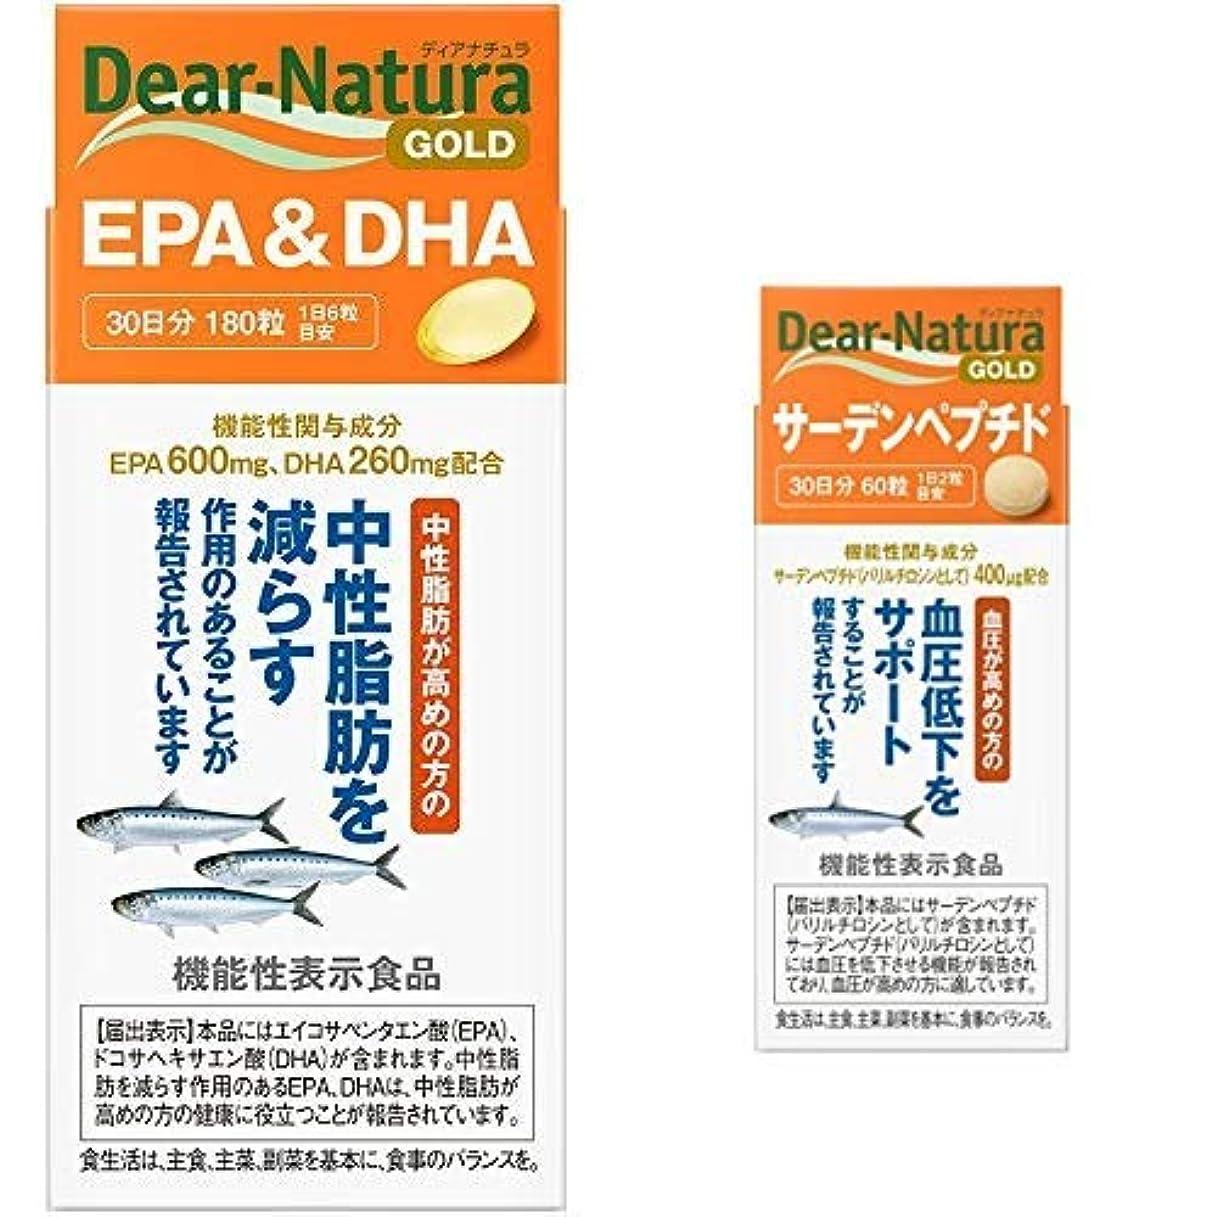 記述する不完全砂漠【セット買い】ディアナチュラゴールド EPA&DHA 30日分 [機能性表示食品] & サーデンペプチド 30日分 [機能性表示食品]